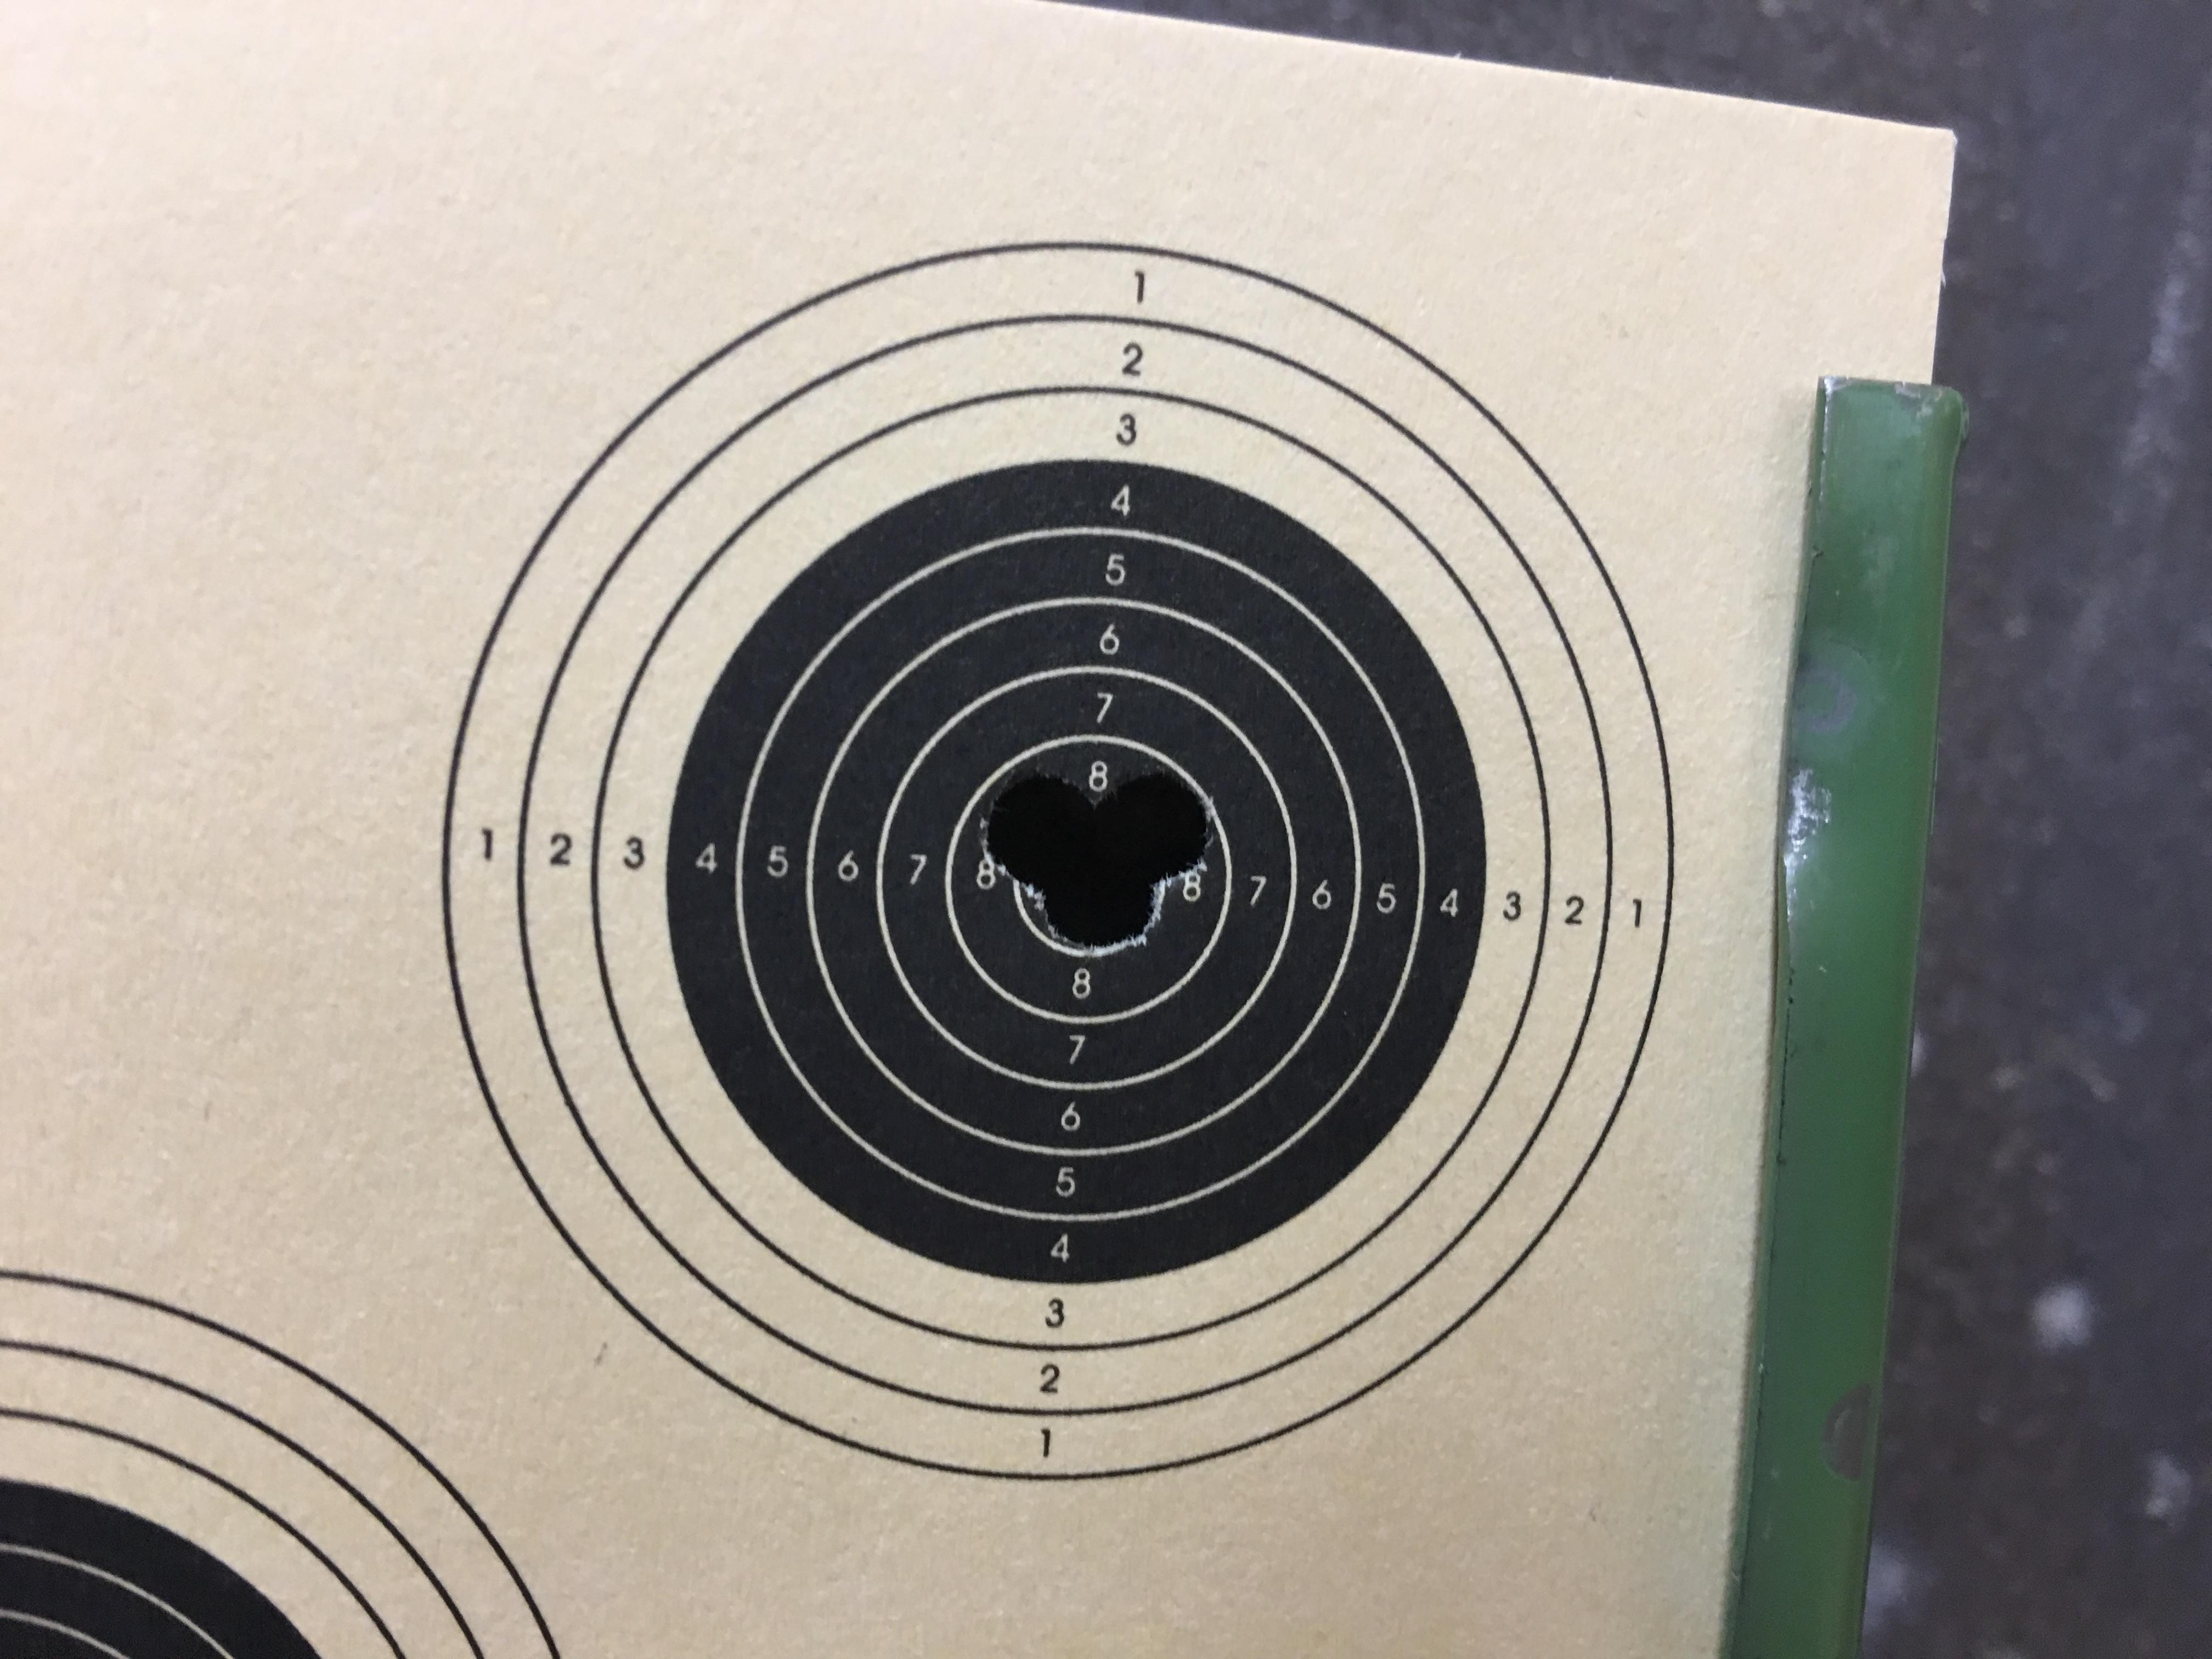 Hier sehen Sie noch ein aktuelleres TrefferBild mit diesen geschossen auf Distanz 11 m mit einem Luftgewehr Modell 100